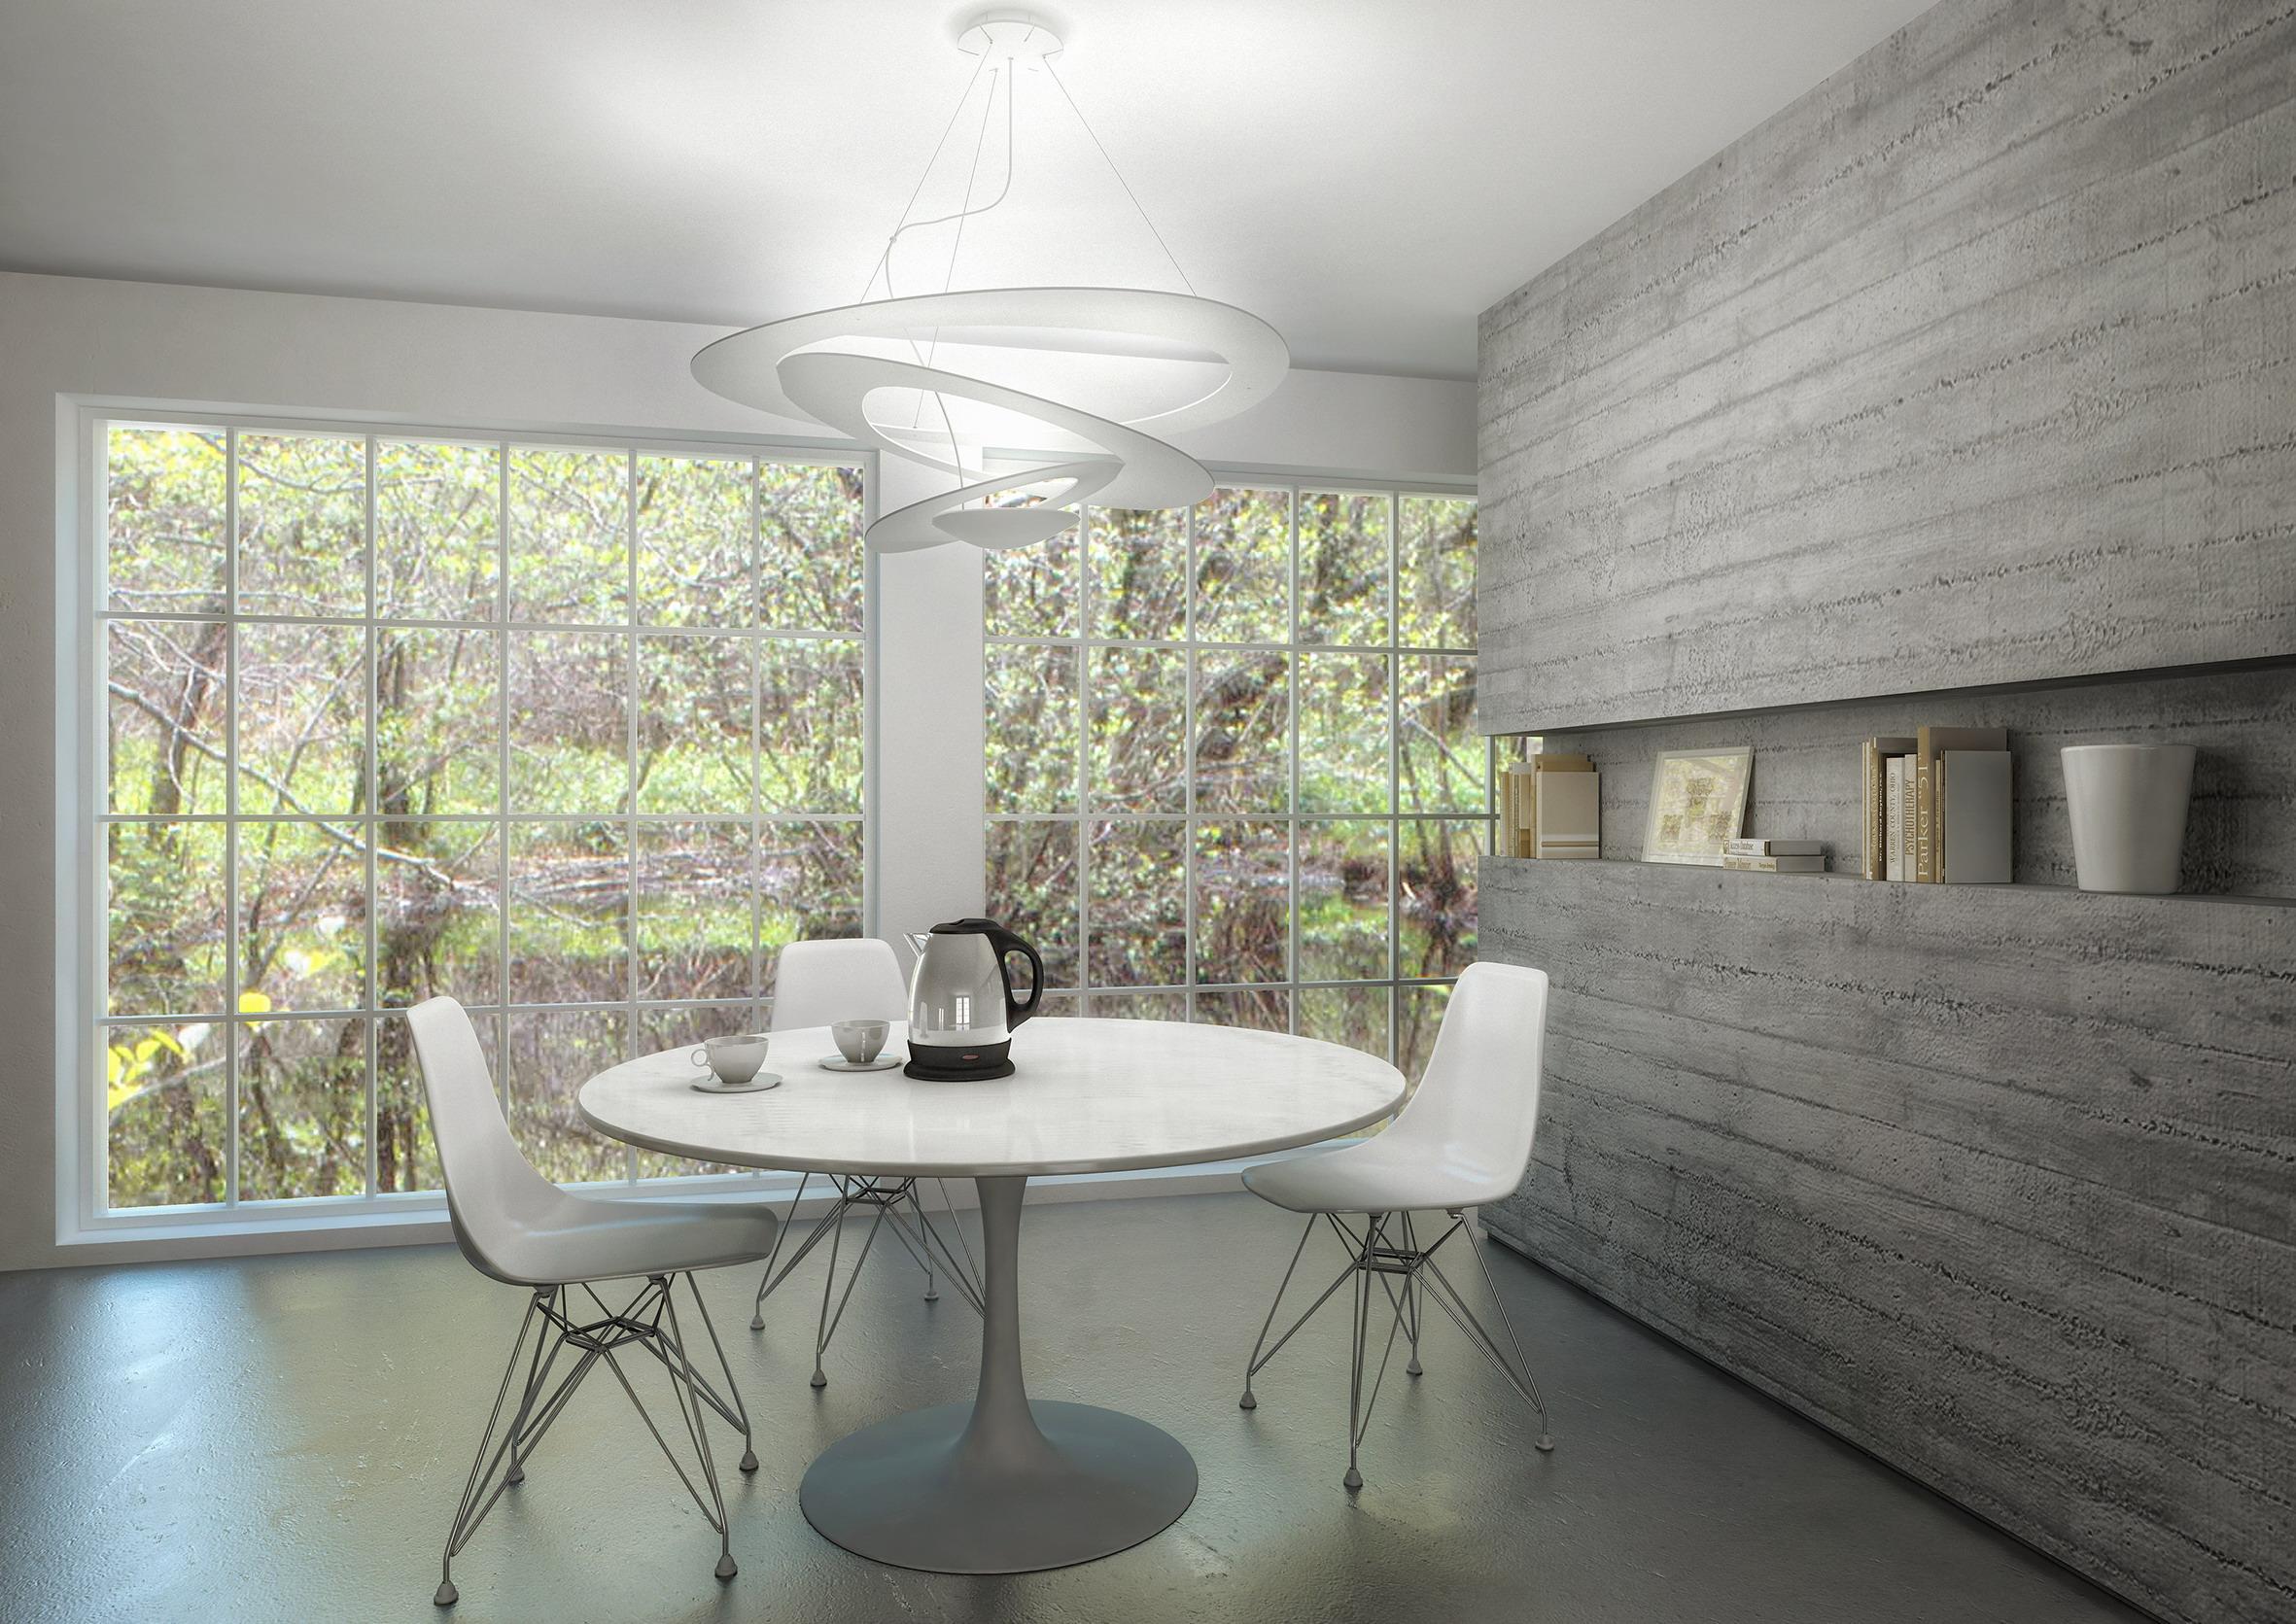 Modernes Esszimmer #wandleuchte #weißerstuhl ©Artemide